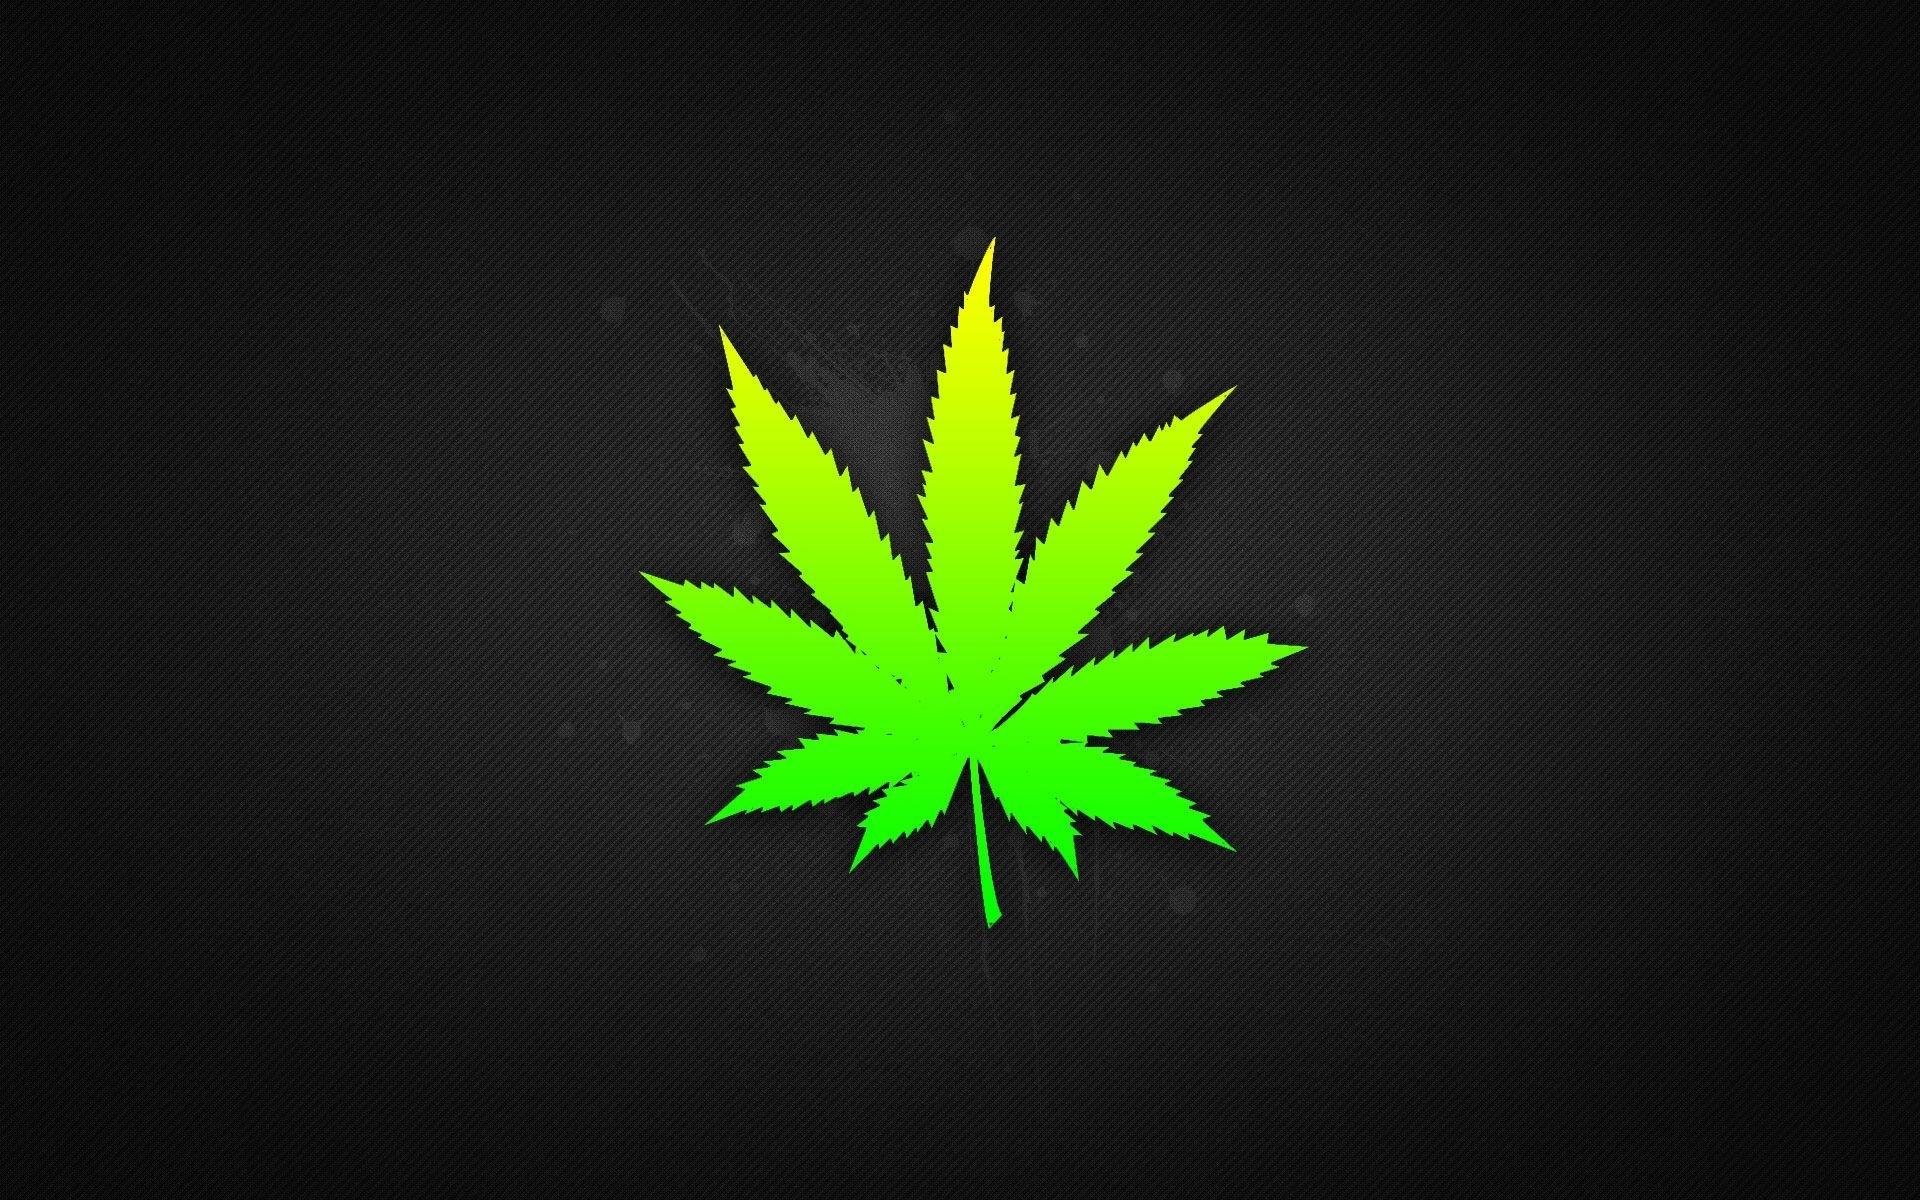 weed leaf wallpapers hd | weed | pinterest